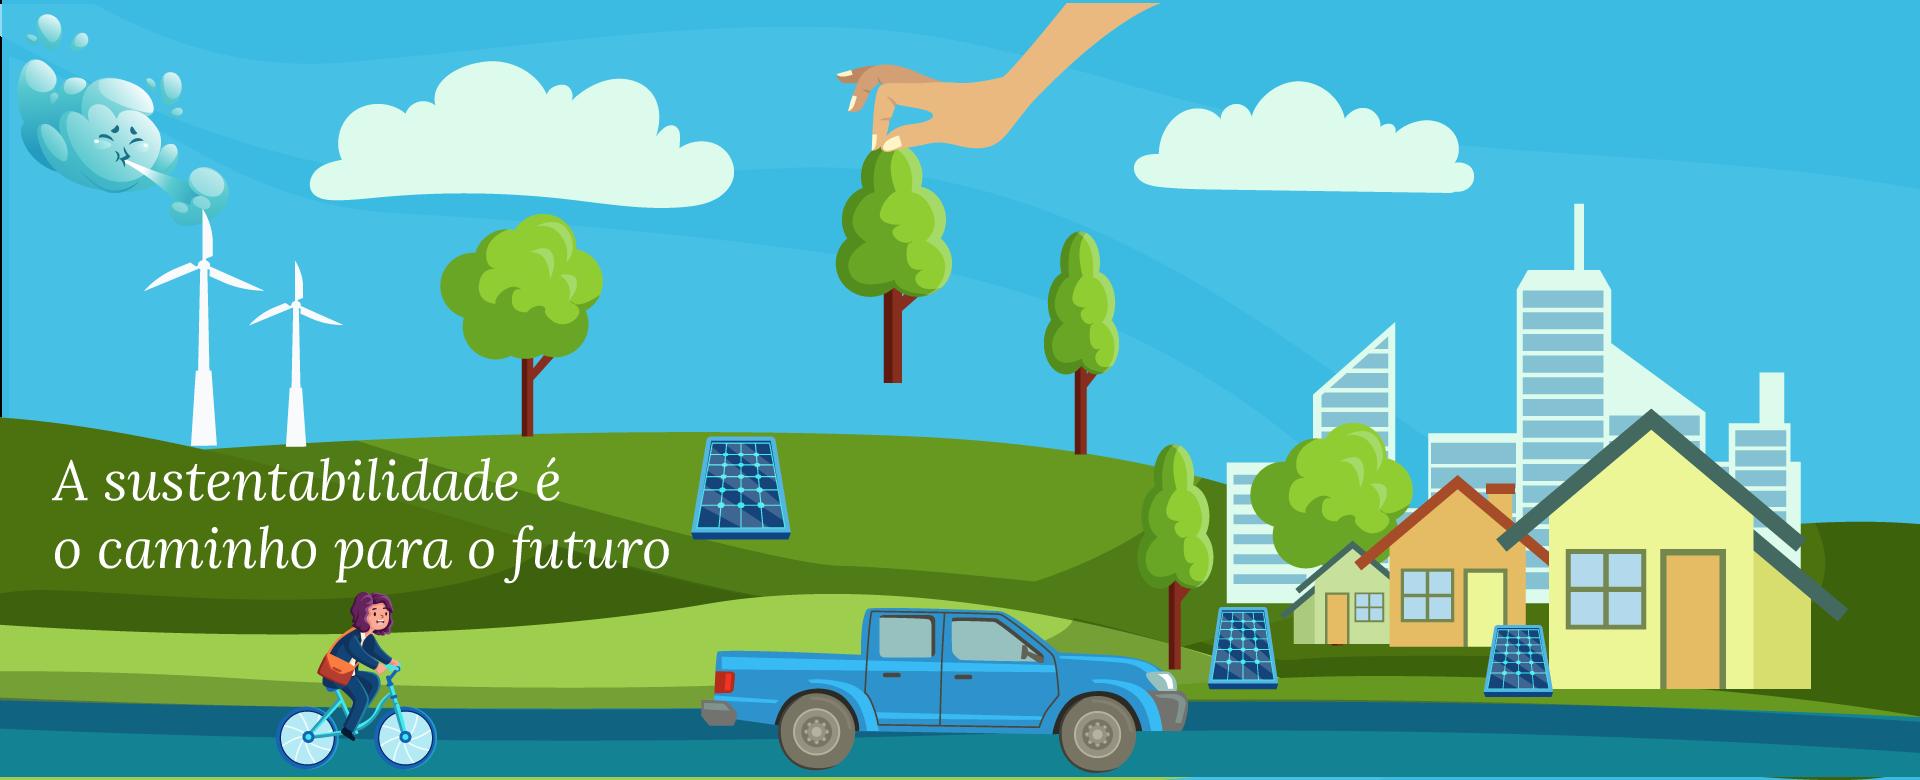 meio-ambiente-sustentabilidade